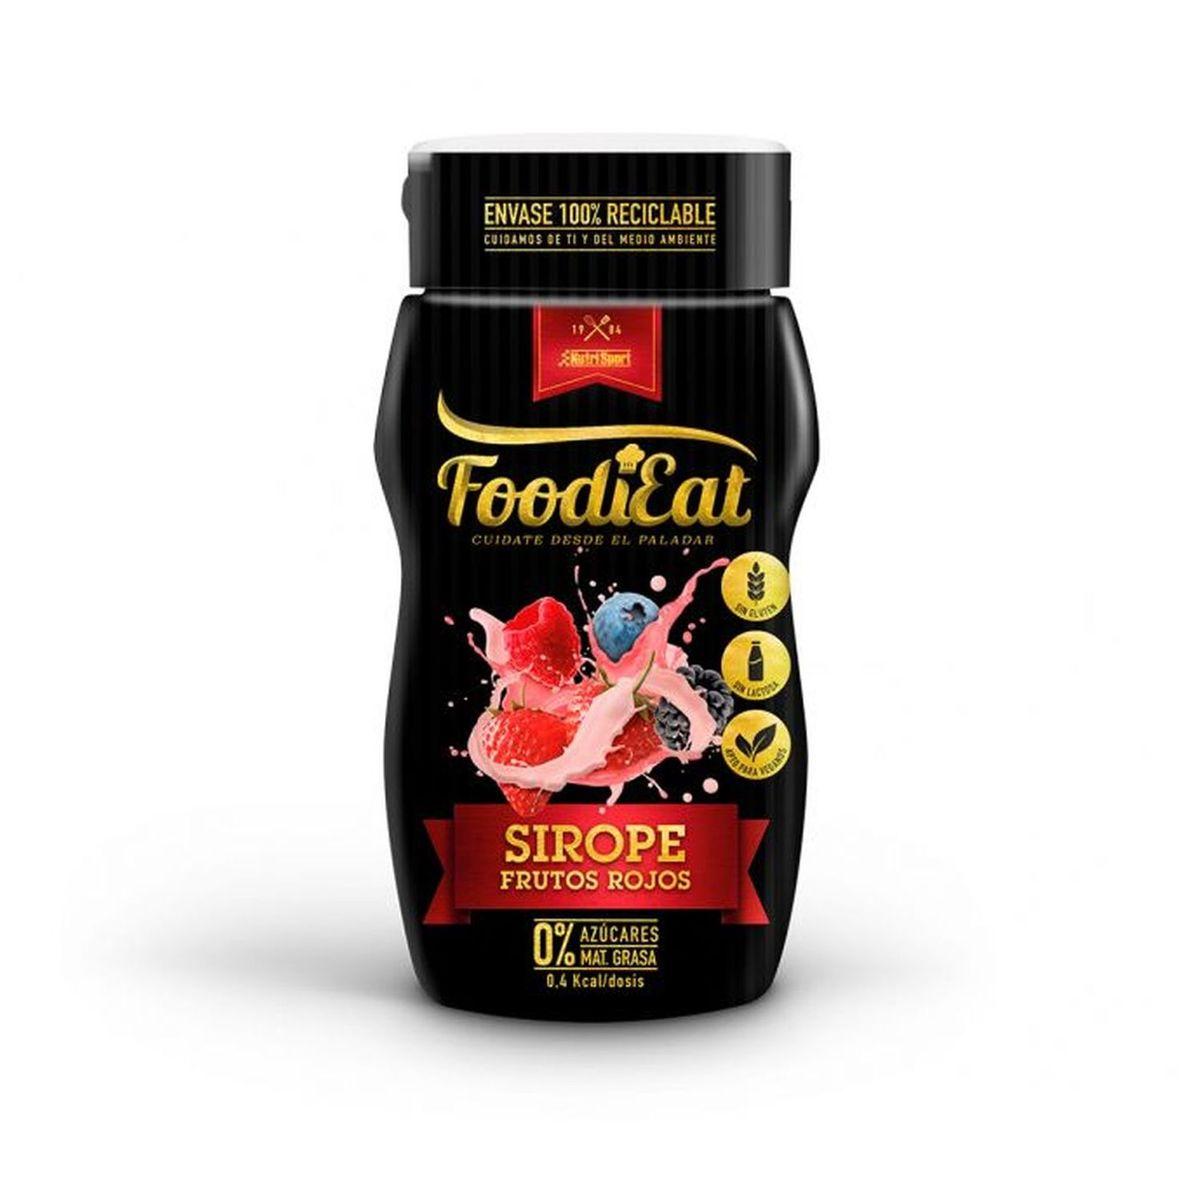 FoodiEat - Sirope Frutos Rojos - 290g